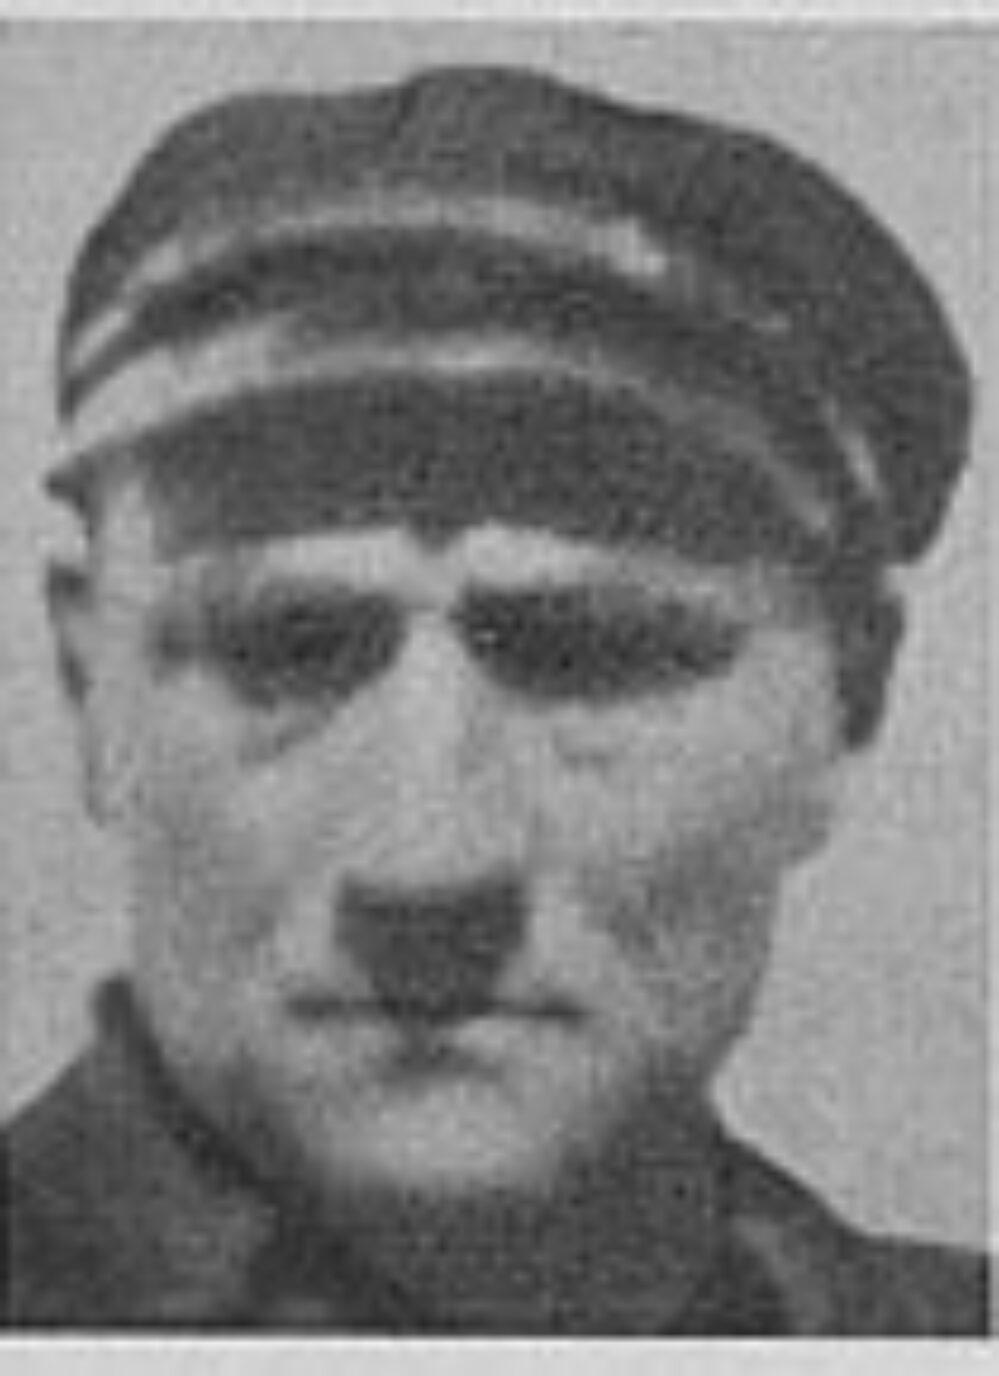 Hjalmar Sahl Ludvigsen